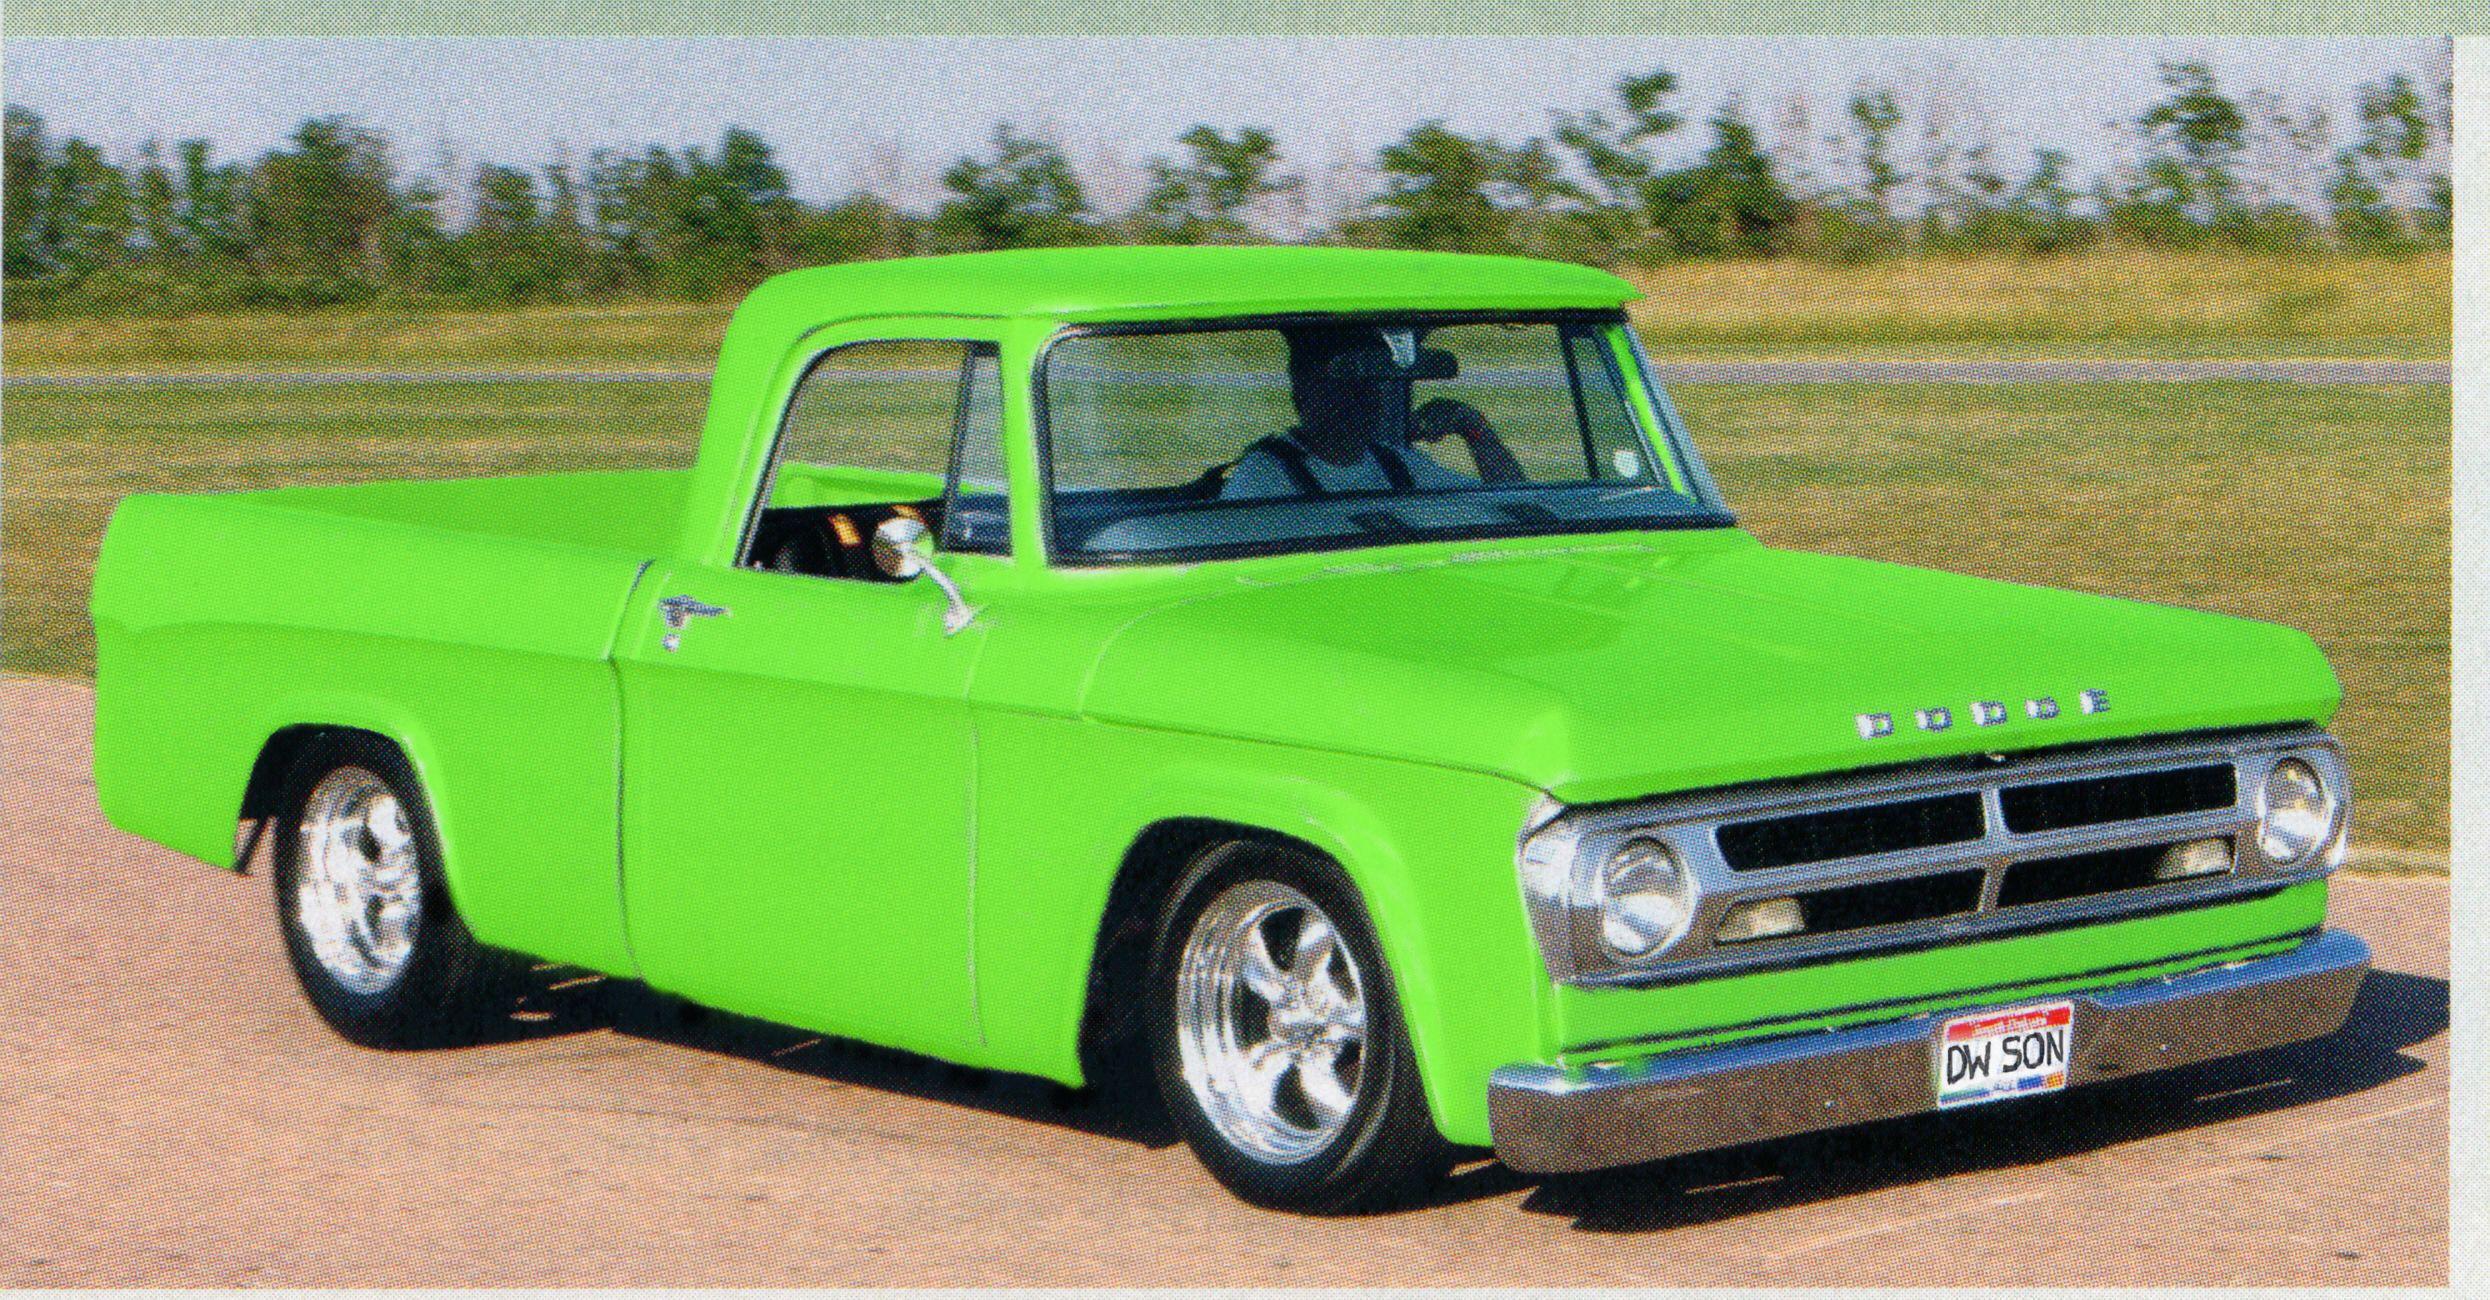 1970 39 71 d 100 swb sweptline dodge pickup 39 s 1970 39 71. Black Bedroom Furniture Sets. Home Design Ideas